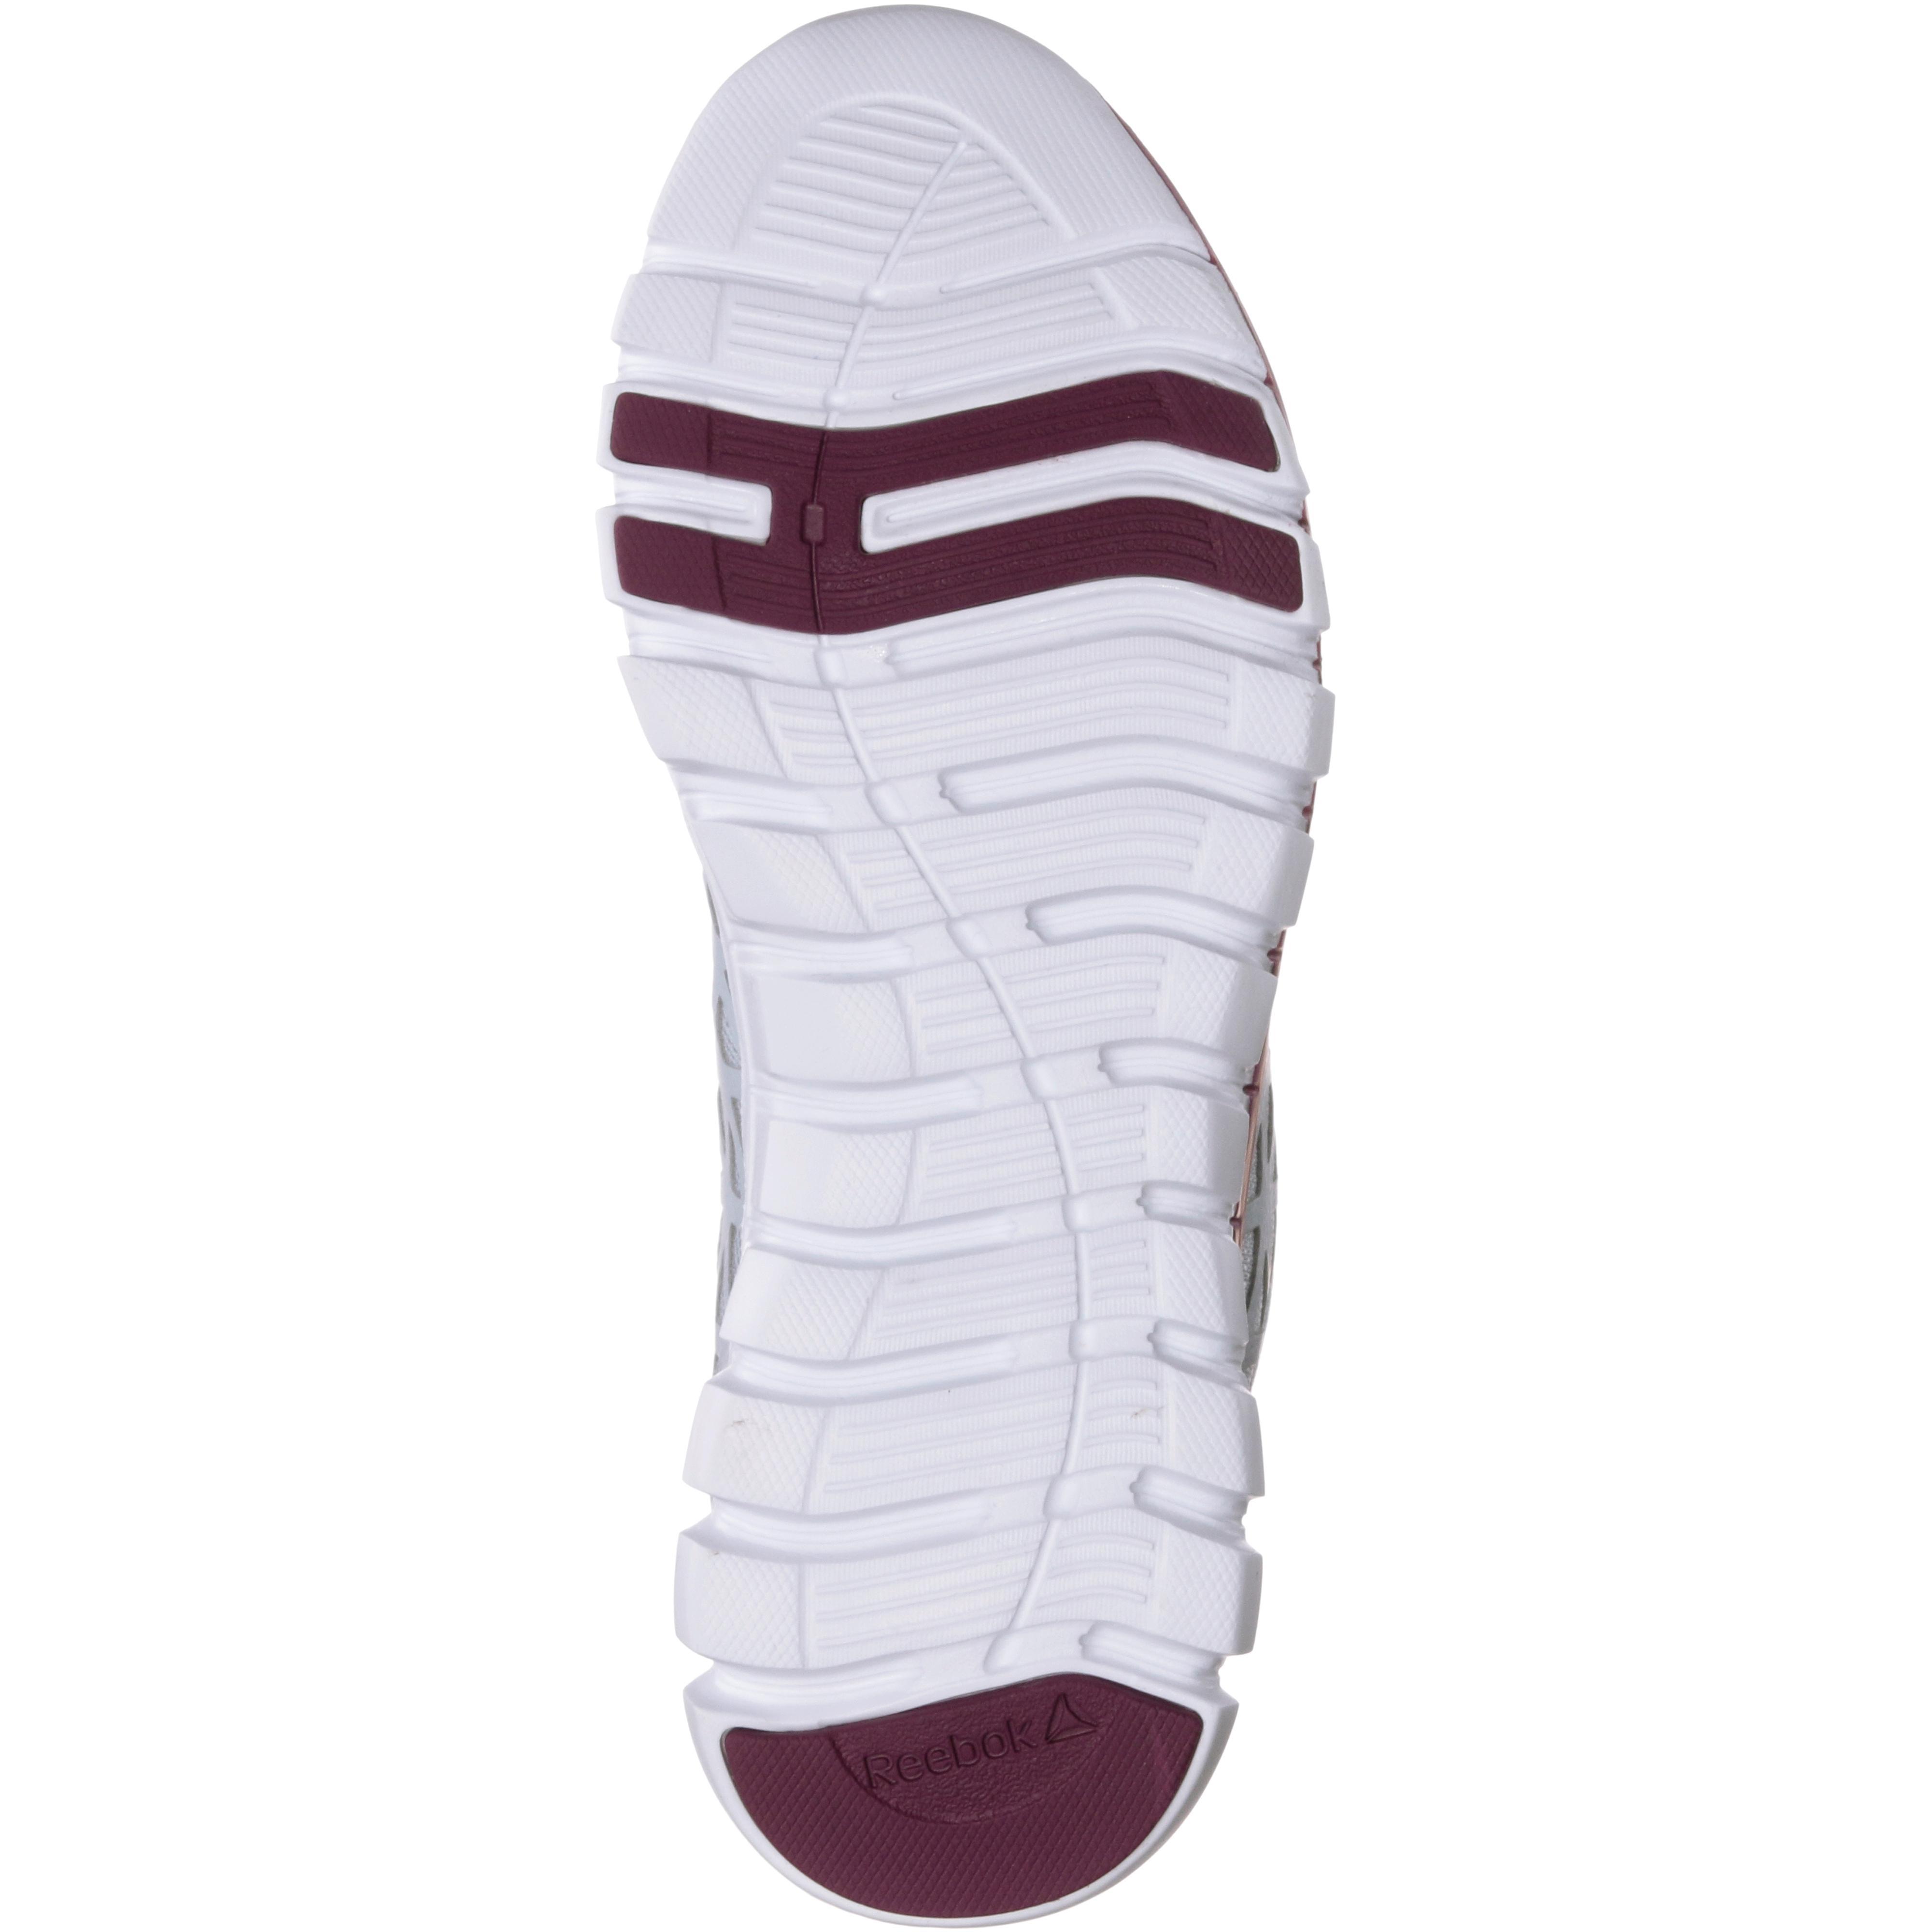 Reebok SUBLITE XT CUSHION 2.0 MT Fitnessschuhe Damen GREYBERRYWHITE im Online Shop von SportScheck kaufen